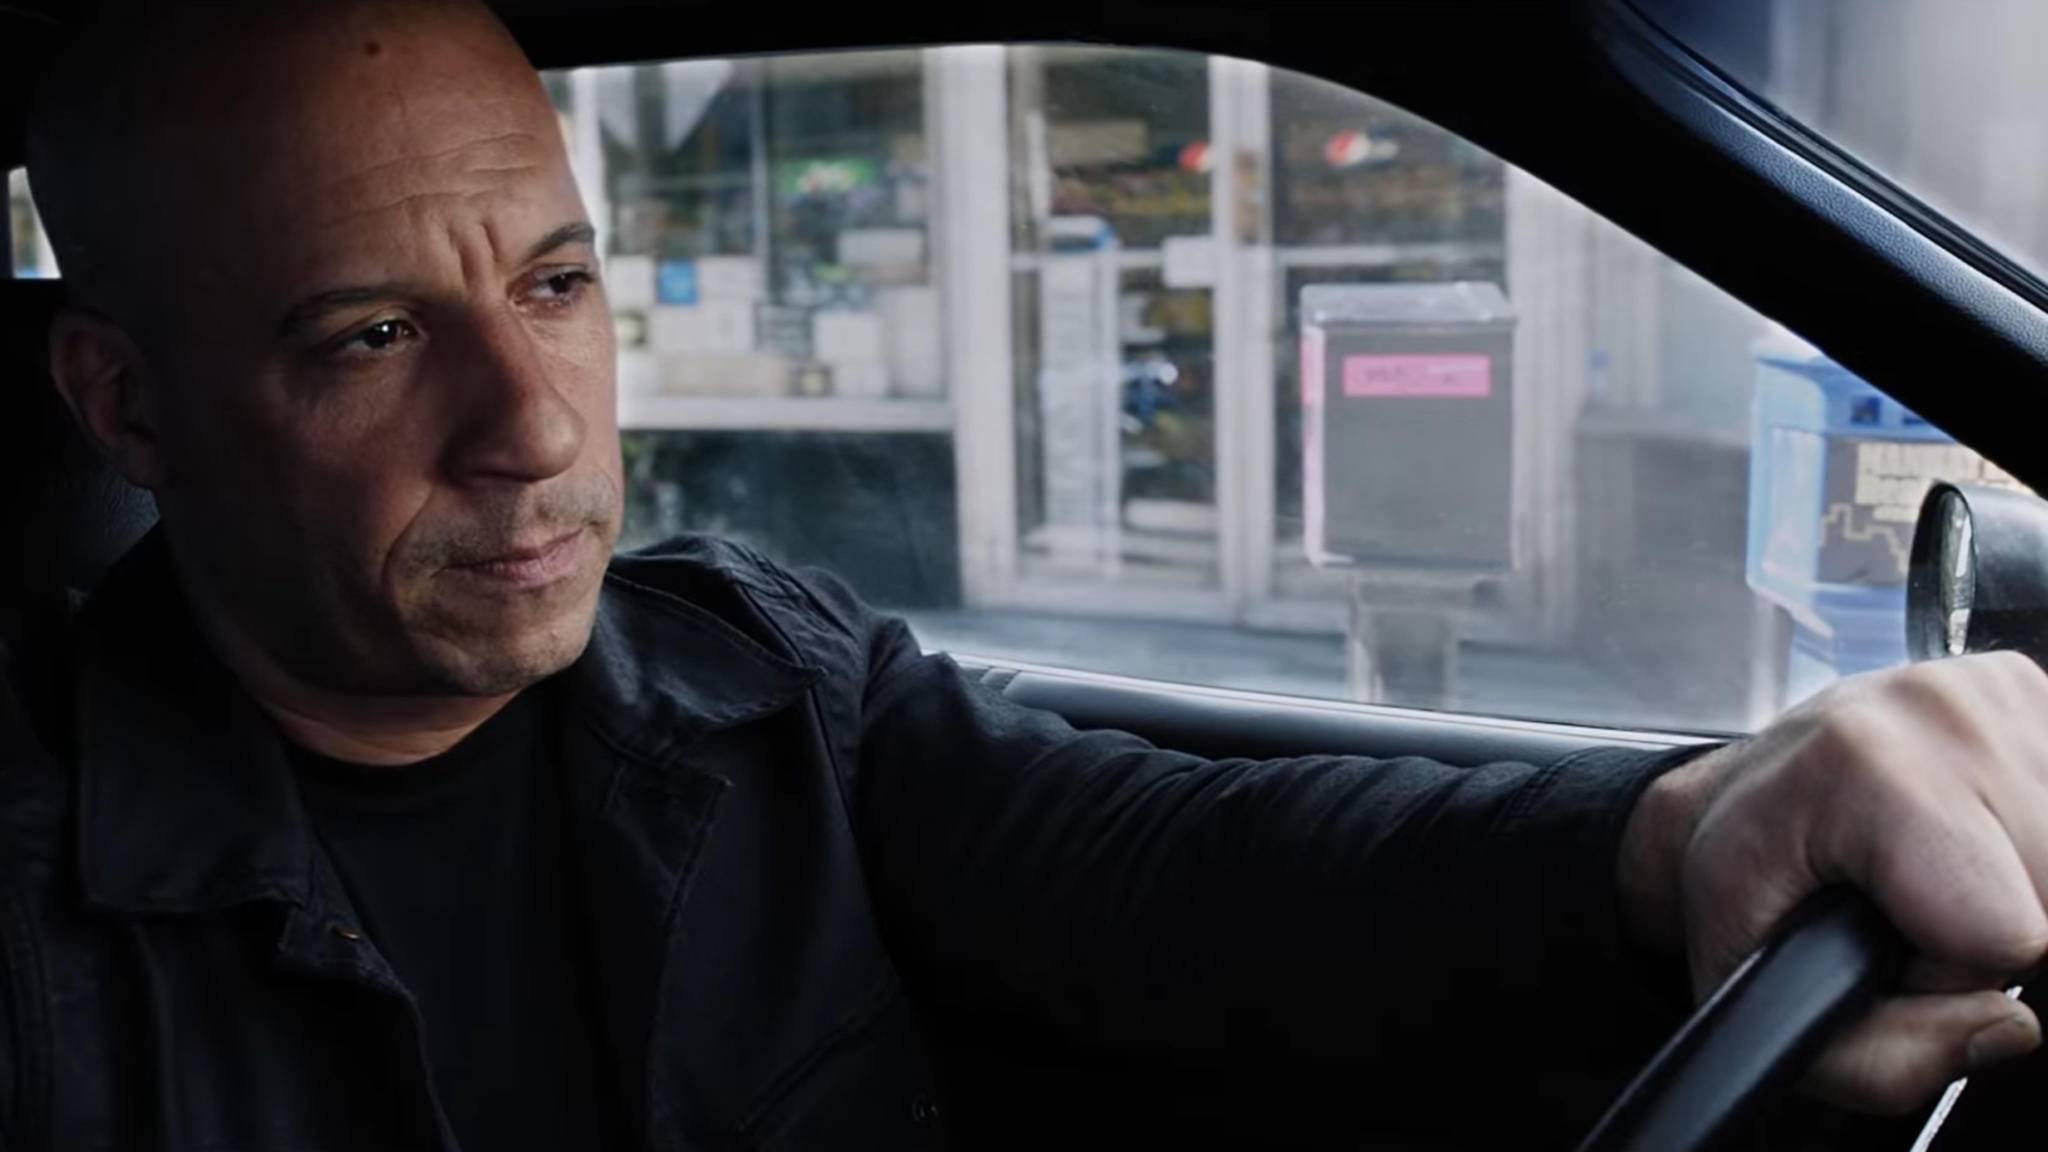 """Verrät Dominic Toretto (Vin Diesel) in """"Fast & Furious 8"""" etwa seine Familie?"""